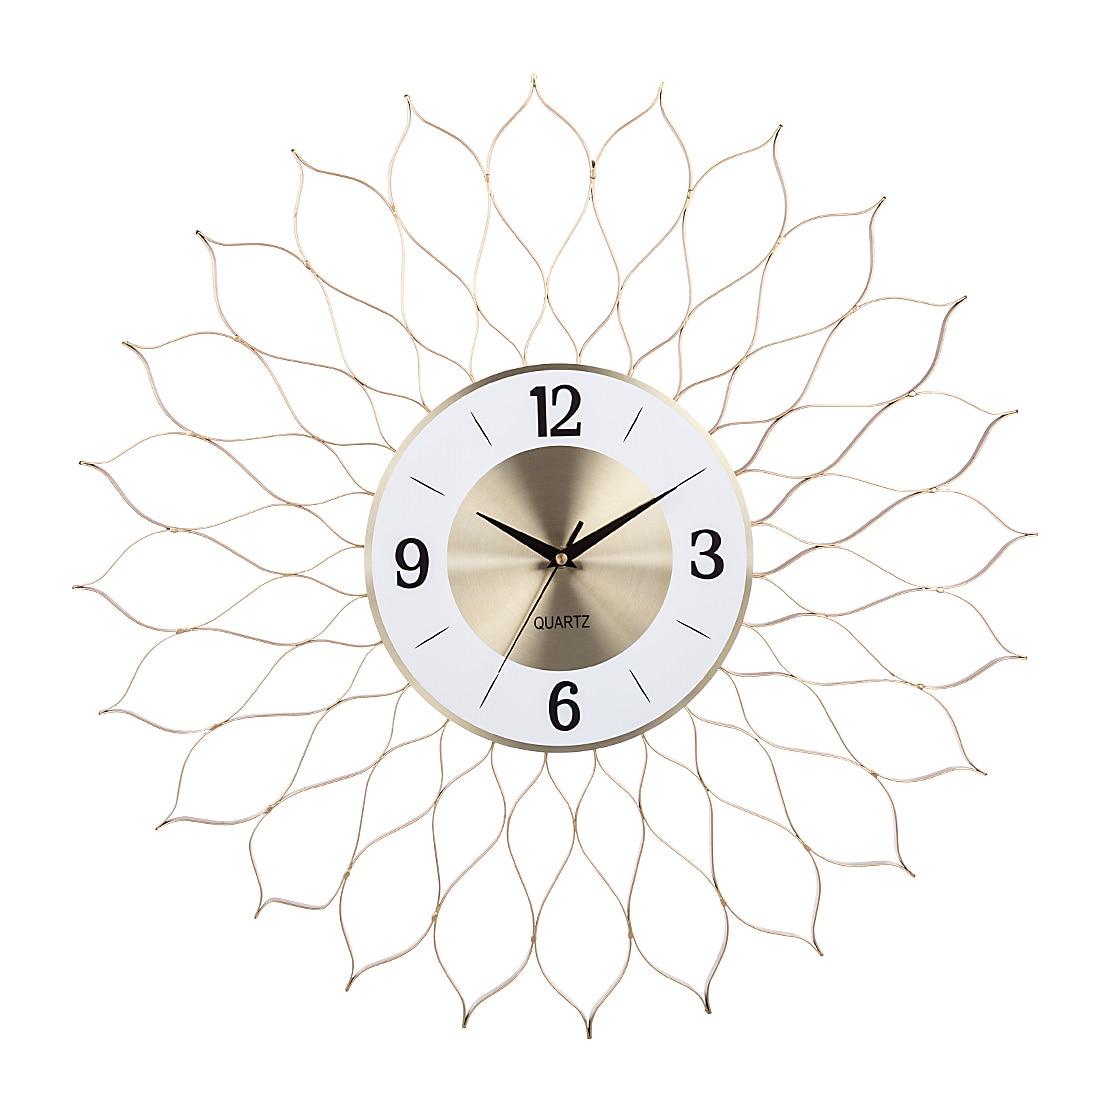 24 pouces 60cm horloges murales créatives en fer forgé muet horloge murale suspendue horloge montre minuterie décor cadeaux de noël 2019-doré